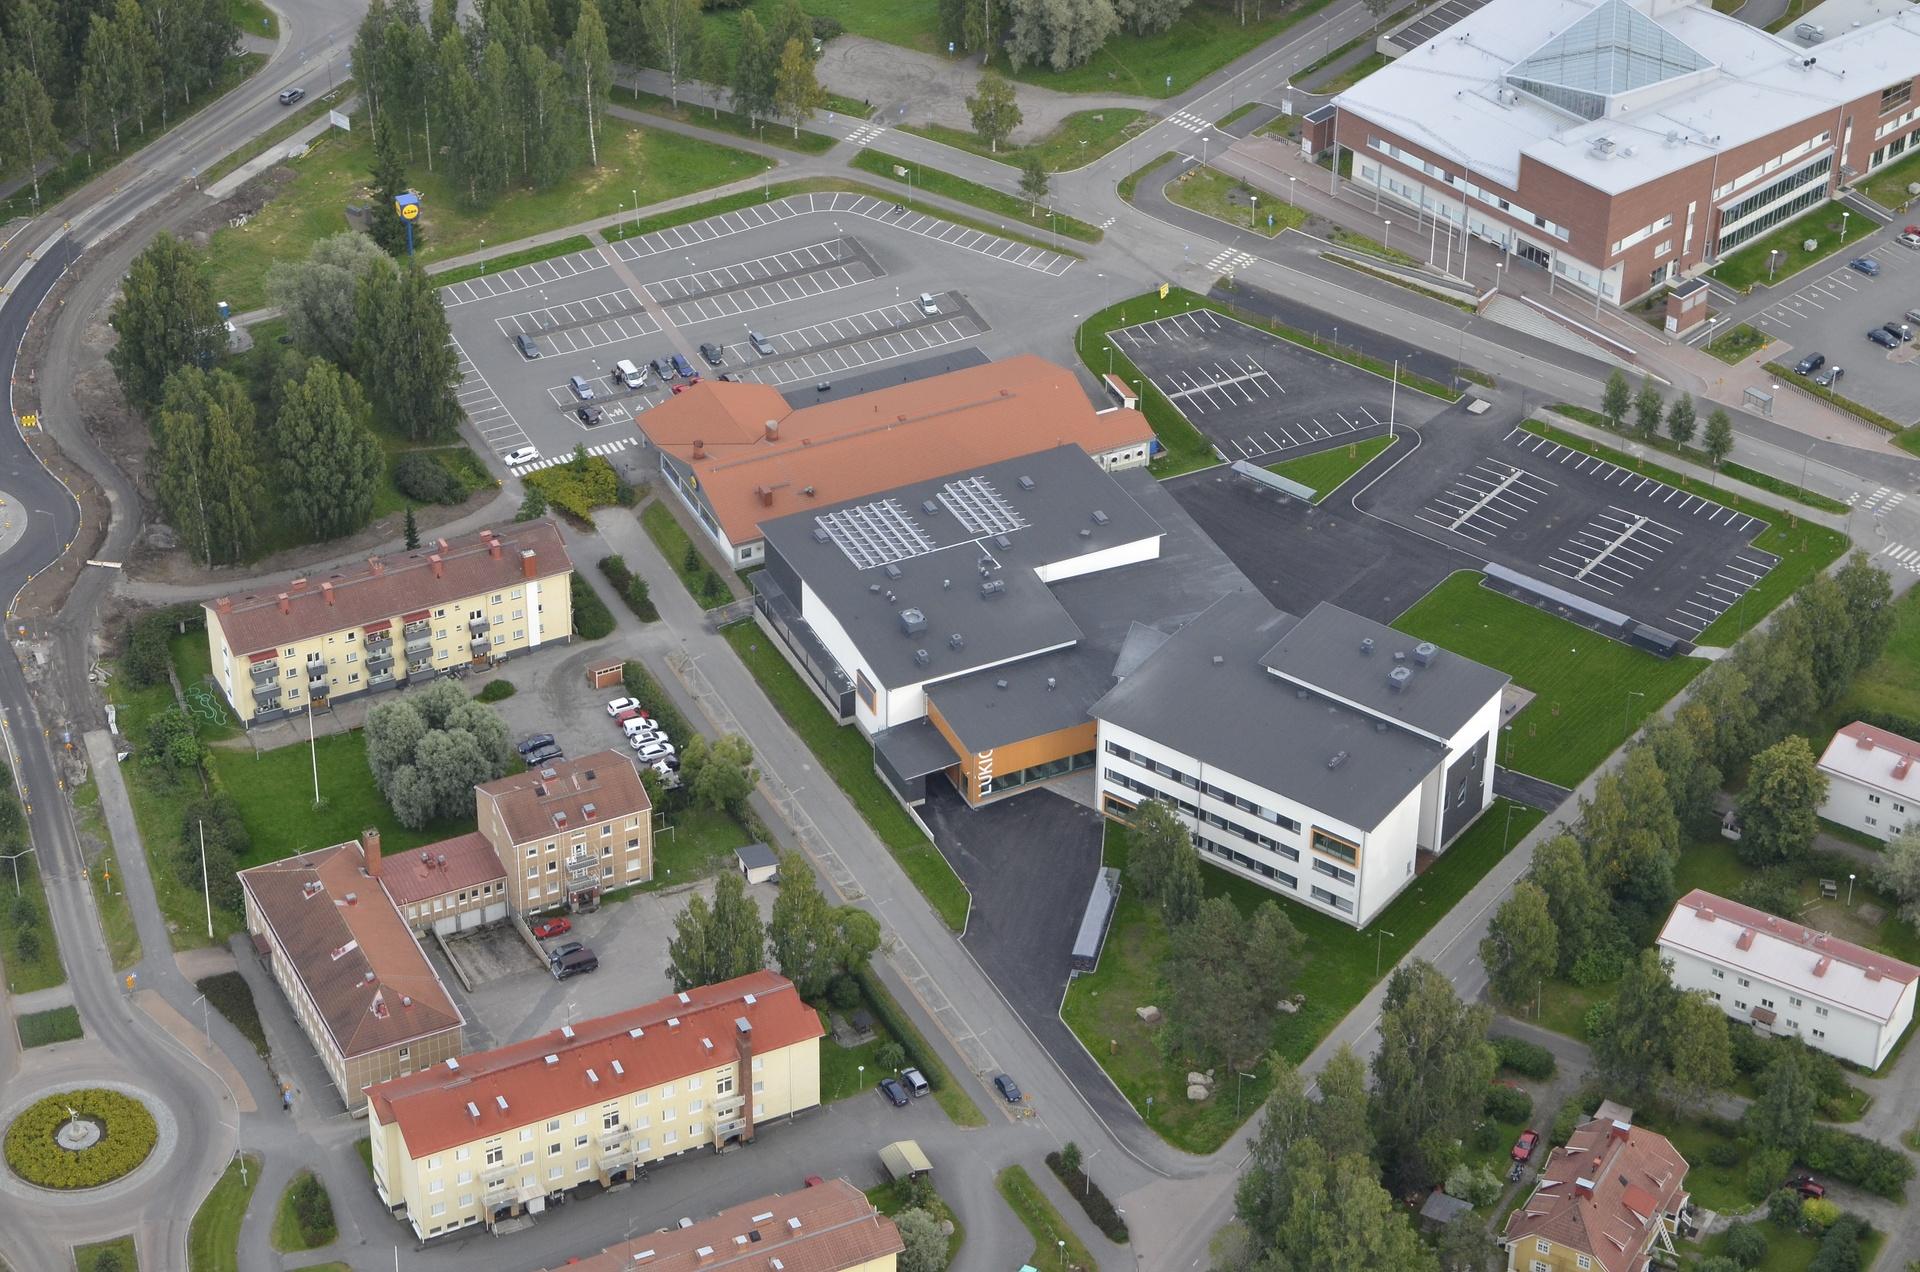 2017-09-02 Uusi lukio toiminnassa.